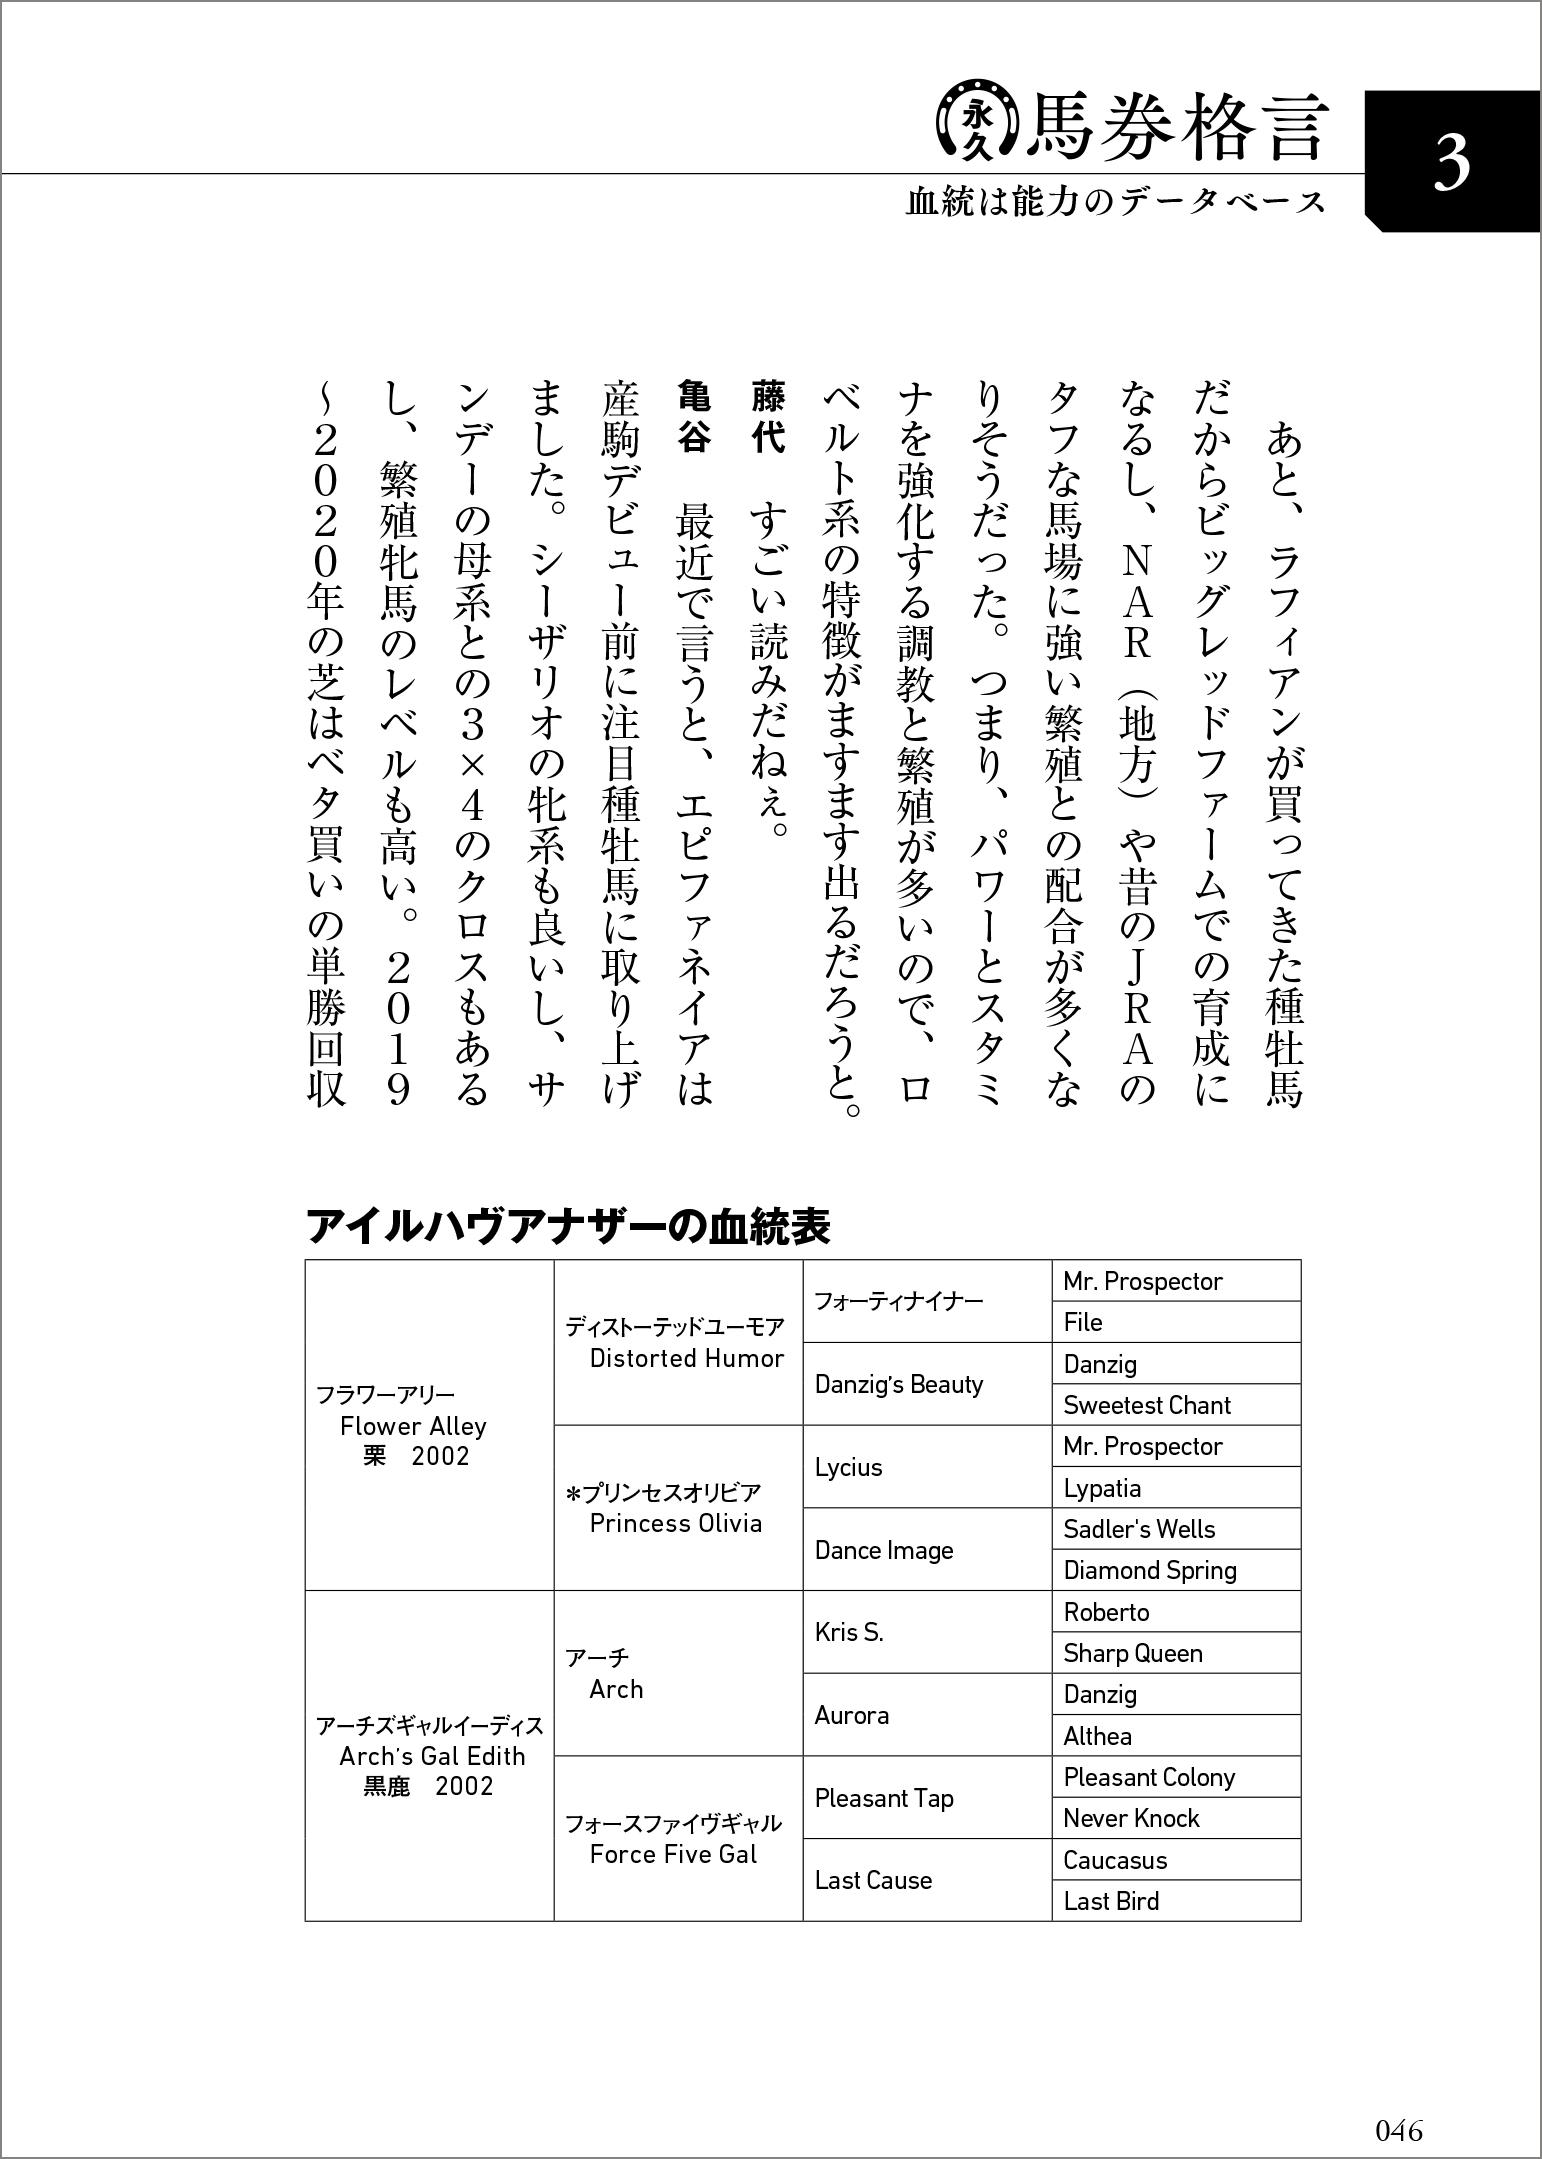 馬券格言_p.46